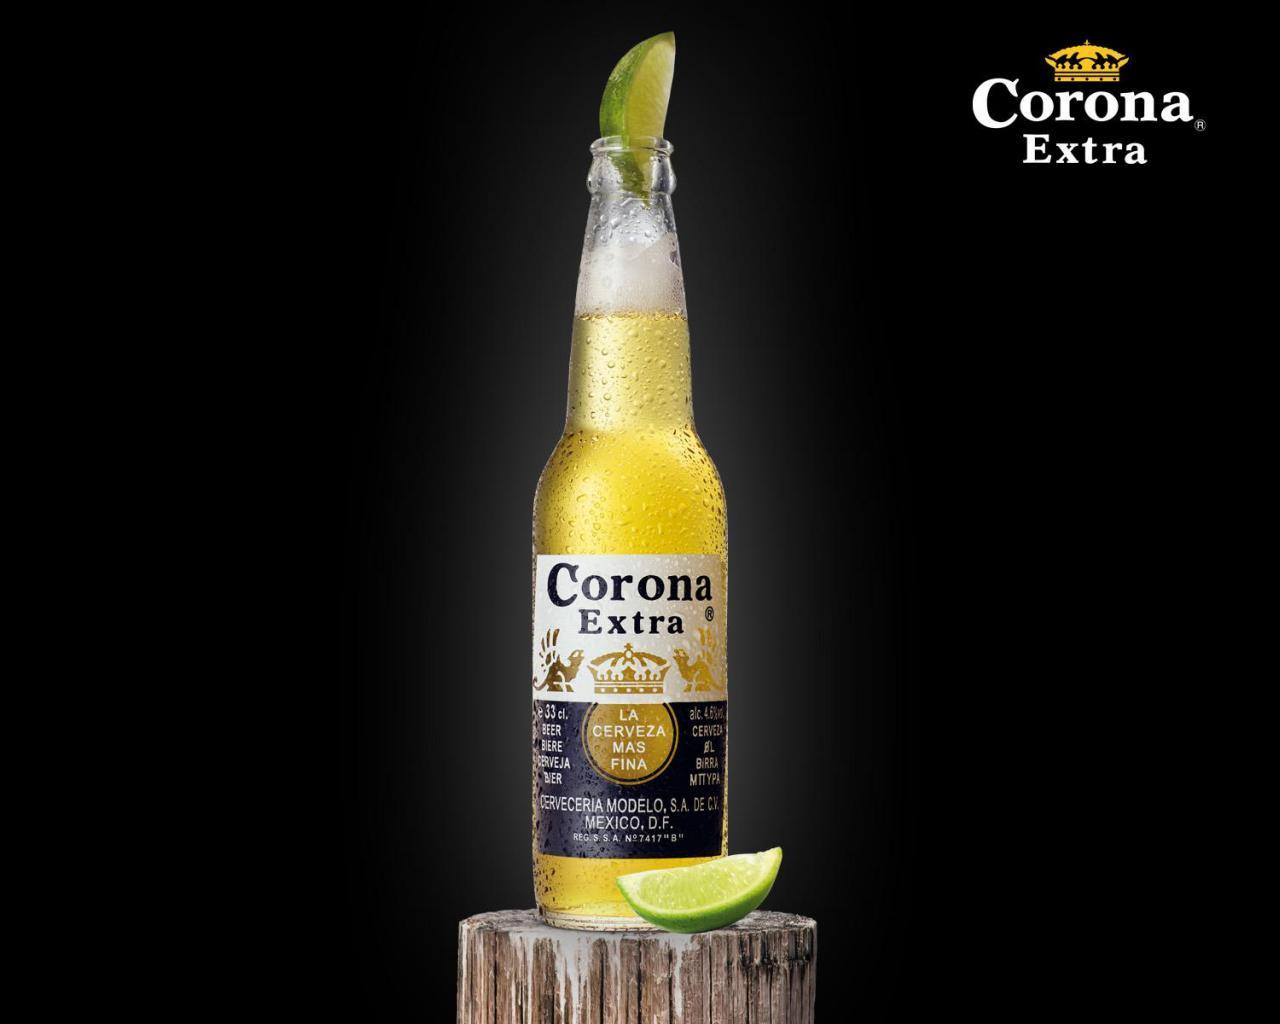 Bro Code Beer Hd Wallpaper: Corona Beer Wallpaper